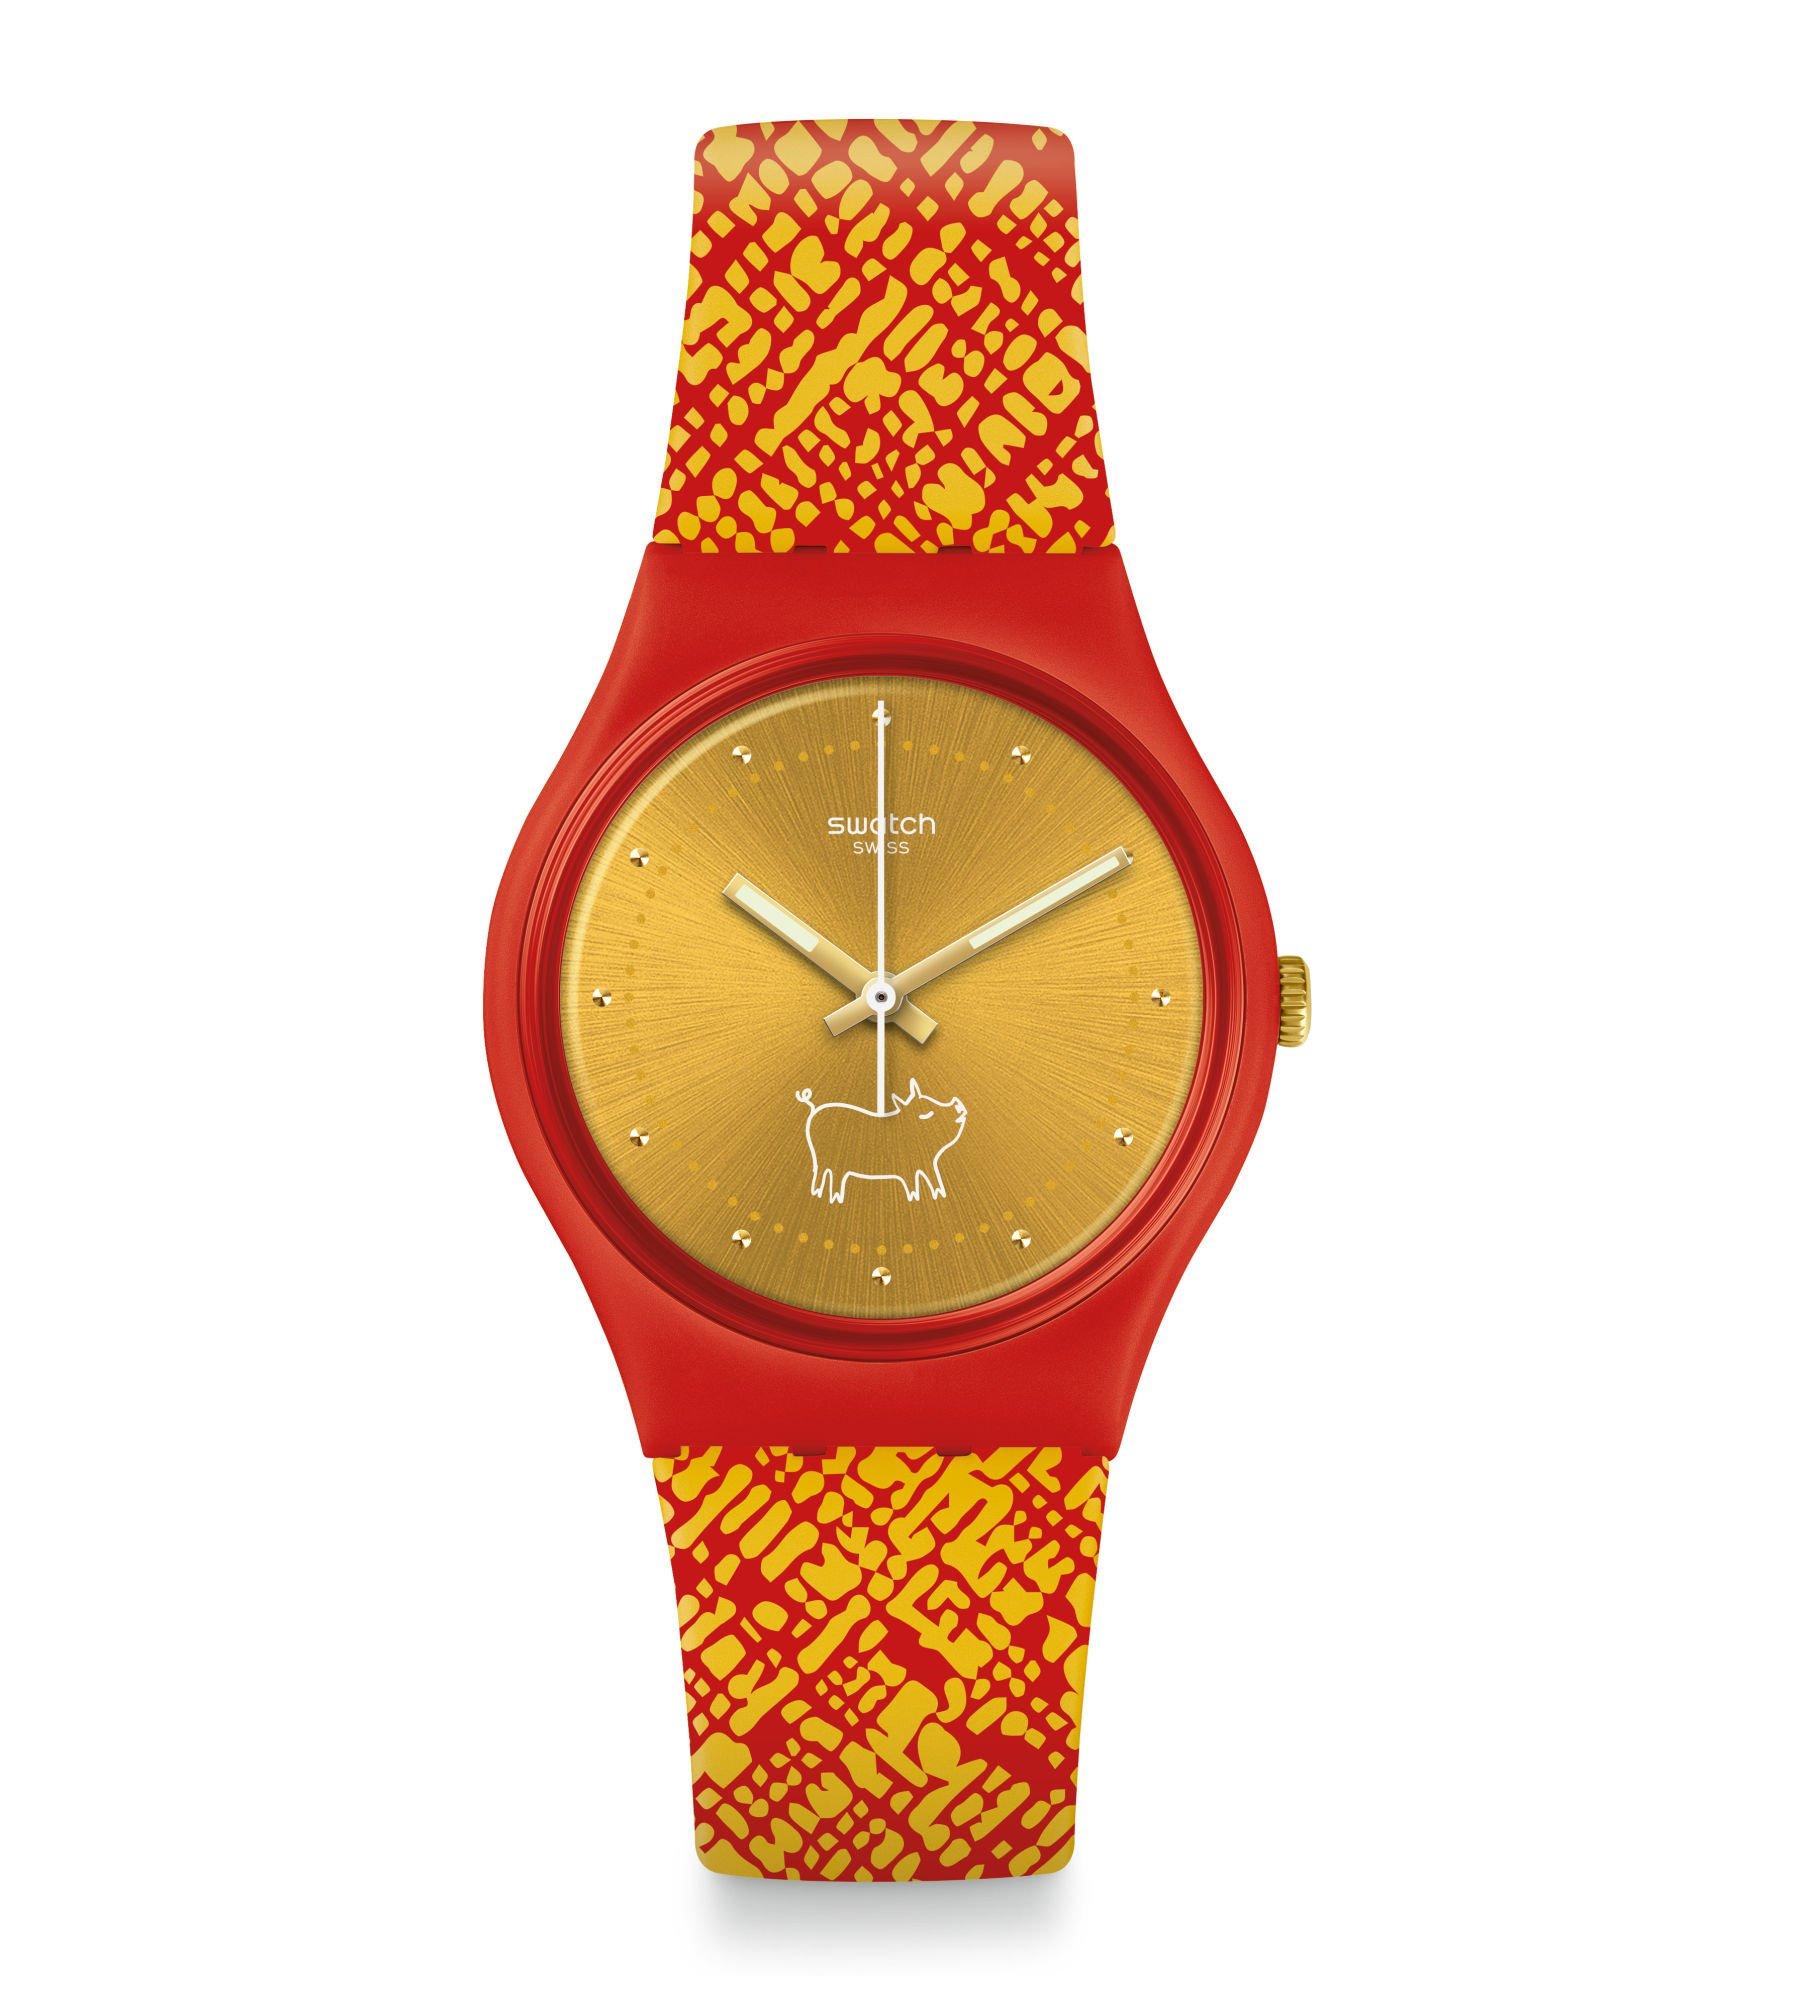 Zegarek Swatch GZ319 w kolorach złotym i czerwonym. Na złotej tarczy widać bohatera Chińskiego horoskopu 2019 roku- świnkę.